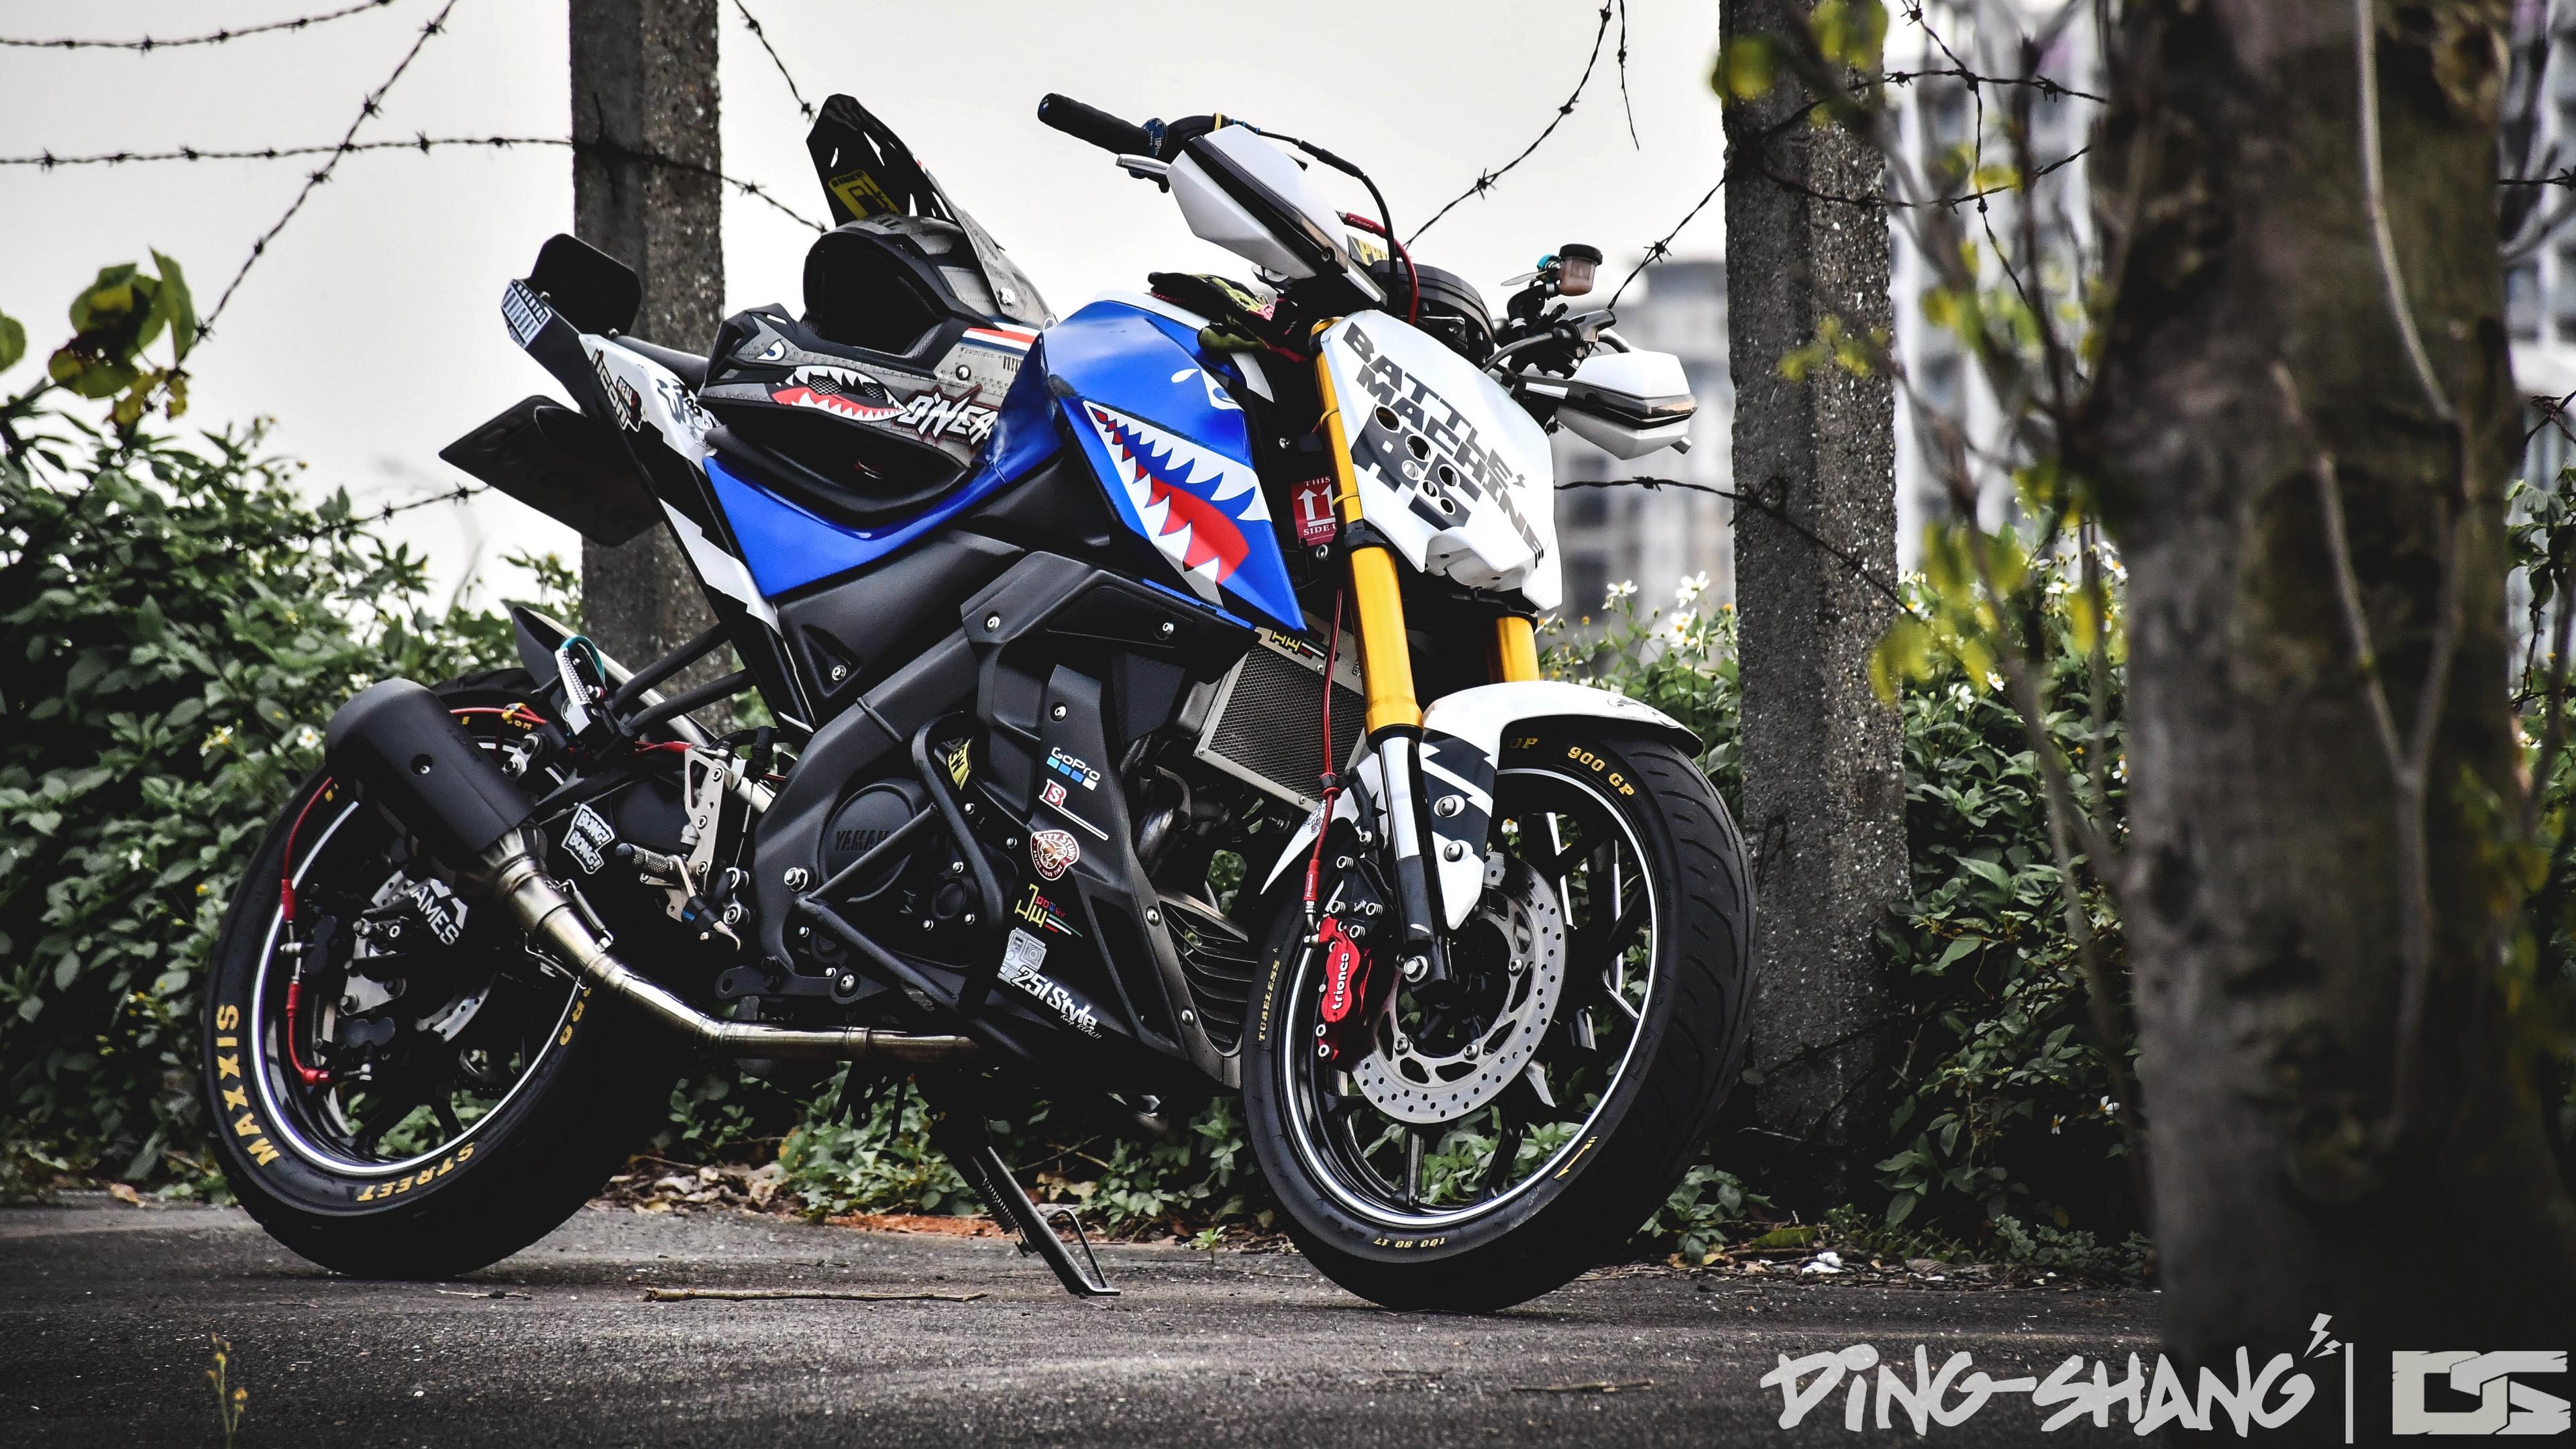 yamaha xabre yamaha motorcycle bike side view sports 4k 1536018448 - yamaha xabre, yamaha, motorcycle, bike, side view, sports 4k - yamaha xabre, Yamaha, Motorcycle